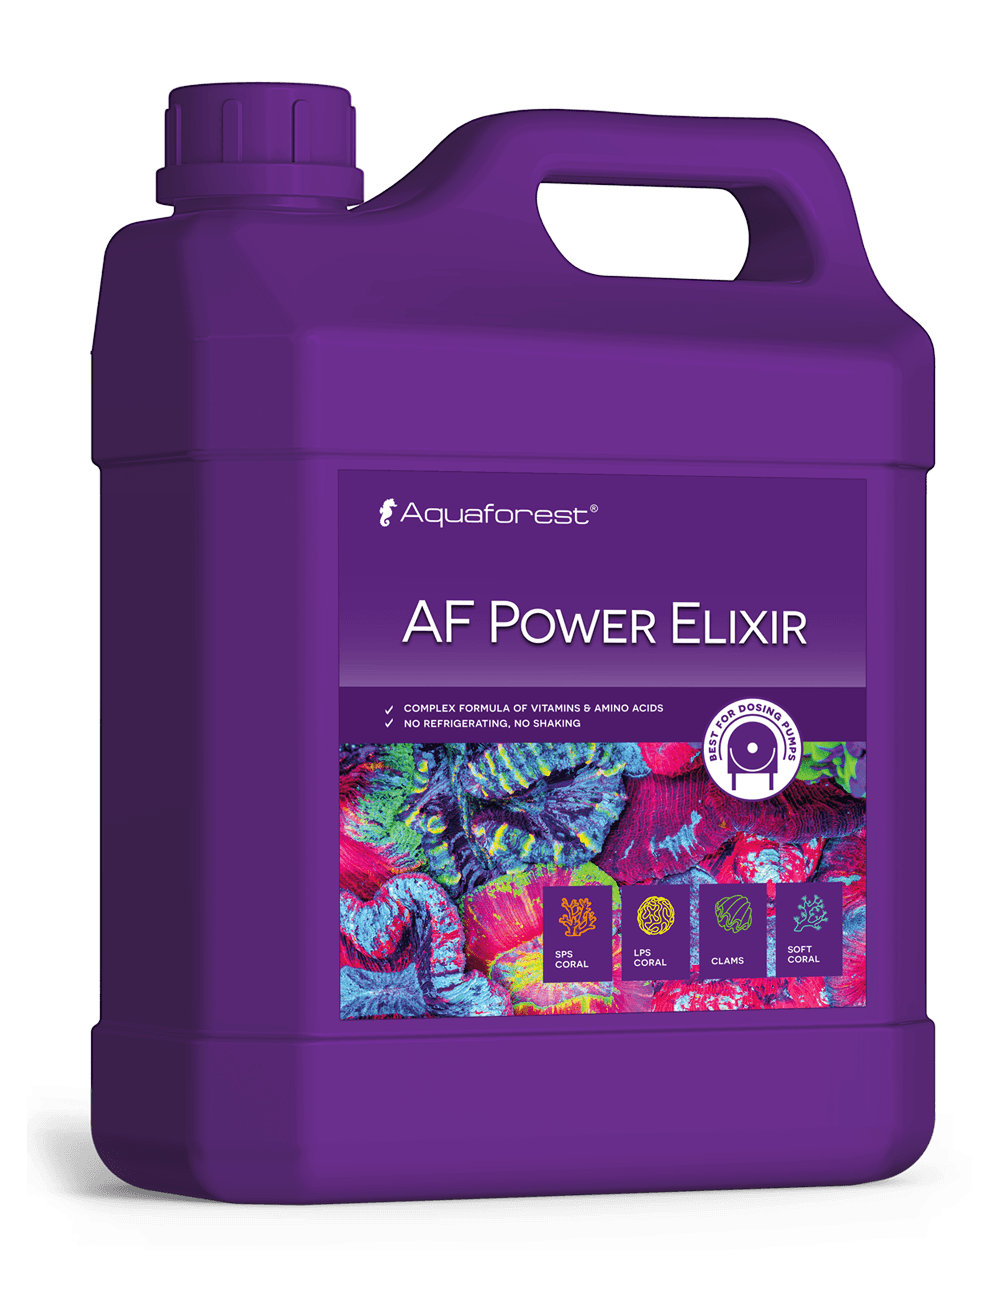 AQUAFOREST - AF Power Elixir - 2000 ml - Complément nutritif pour coraux